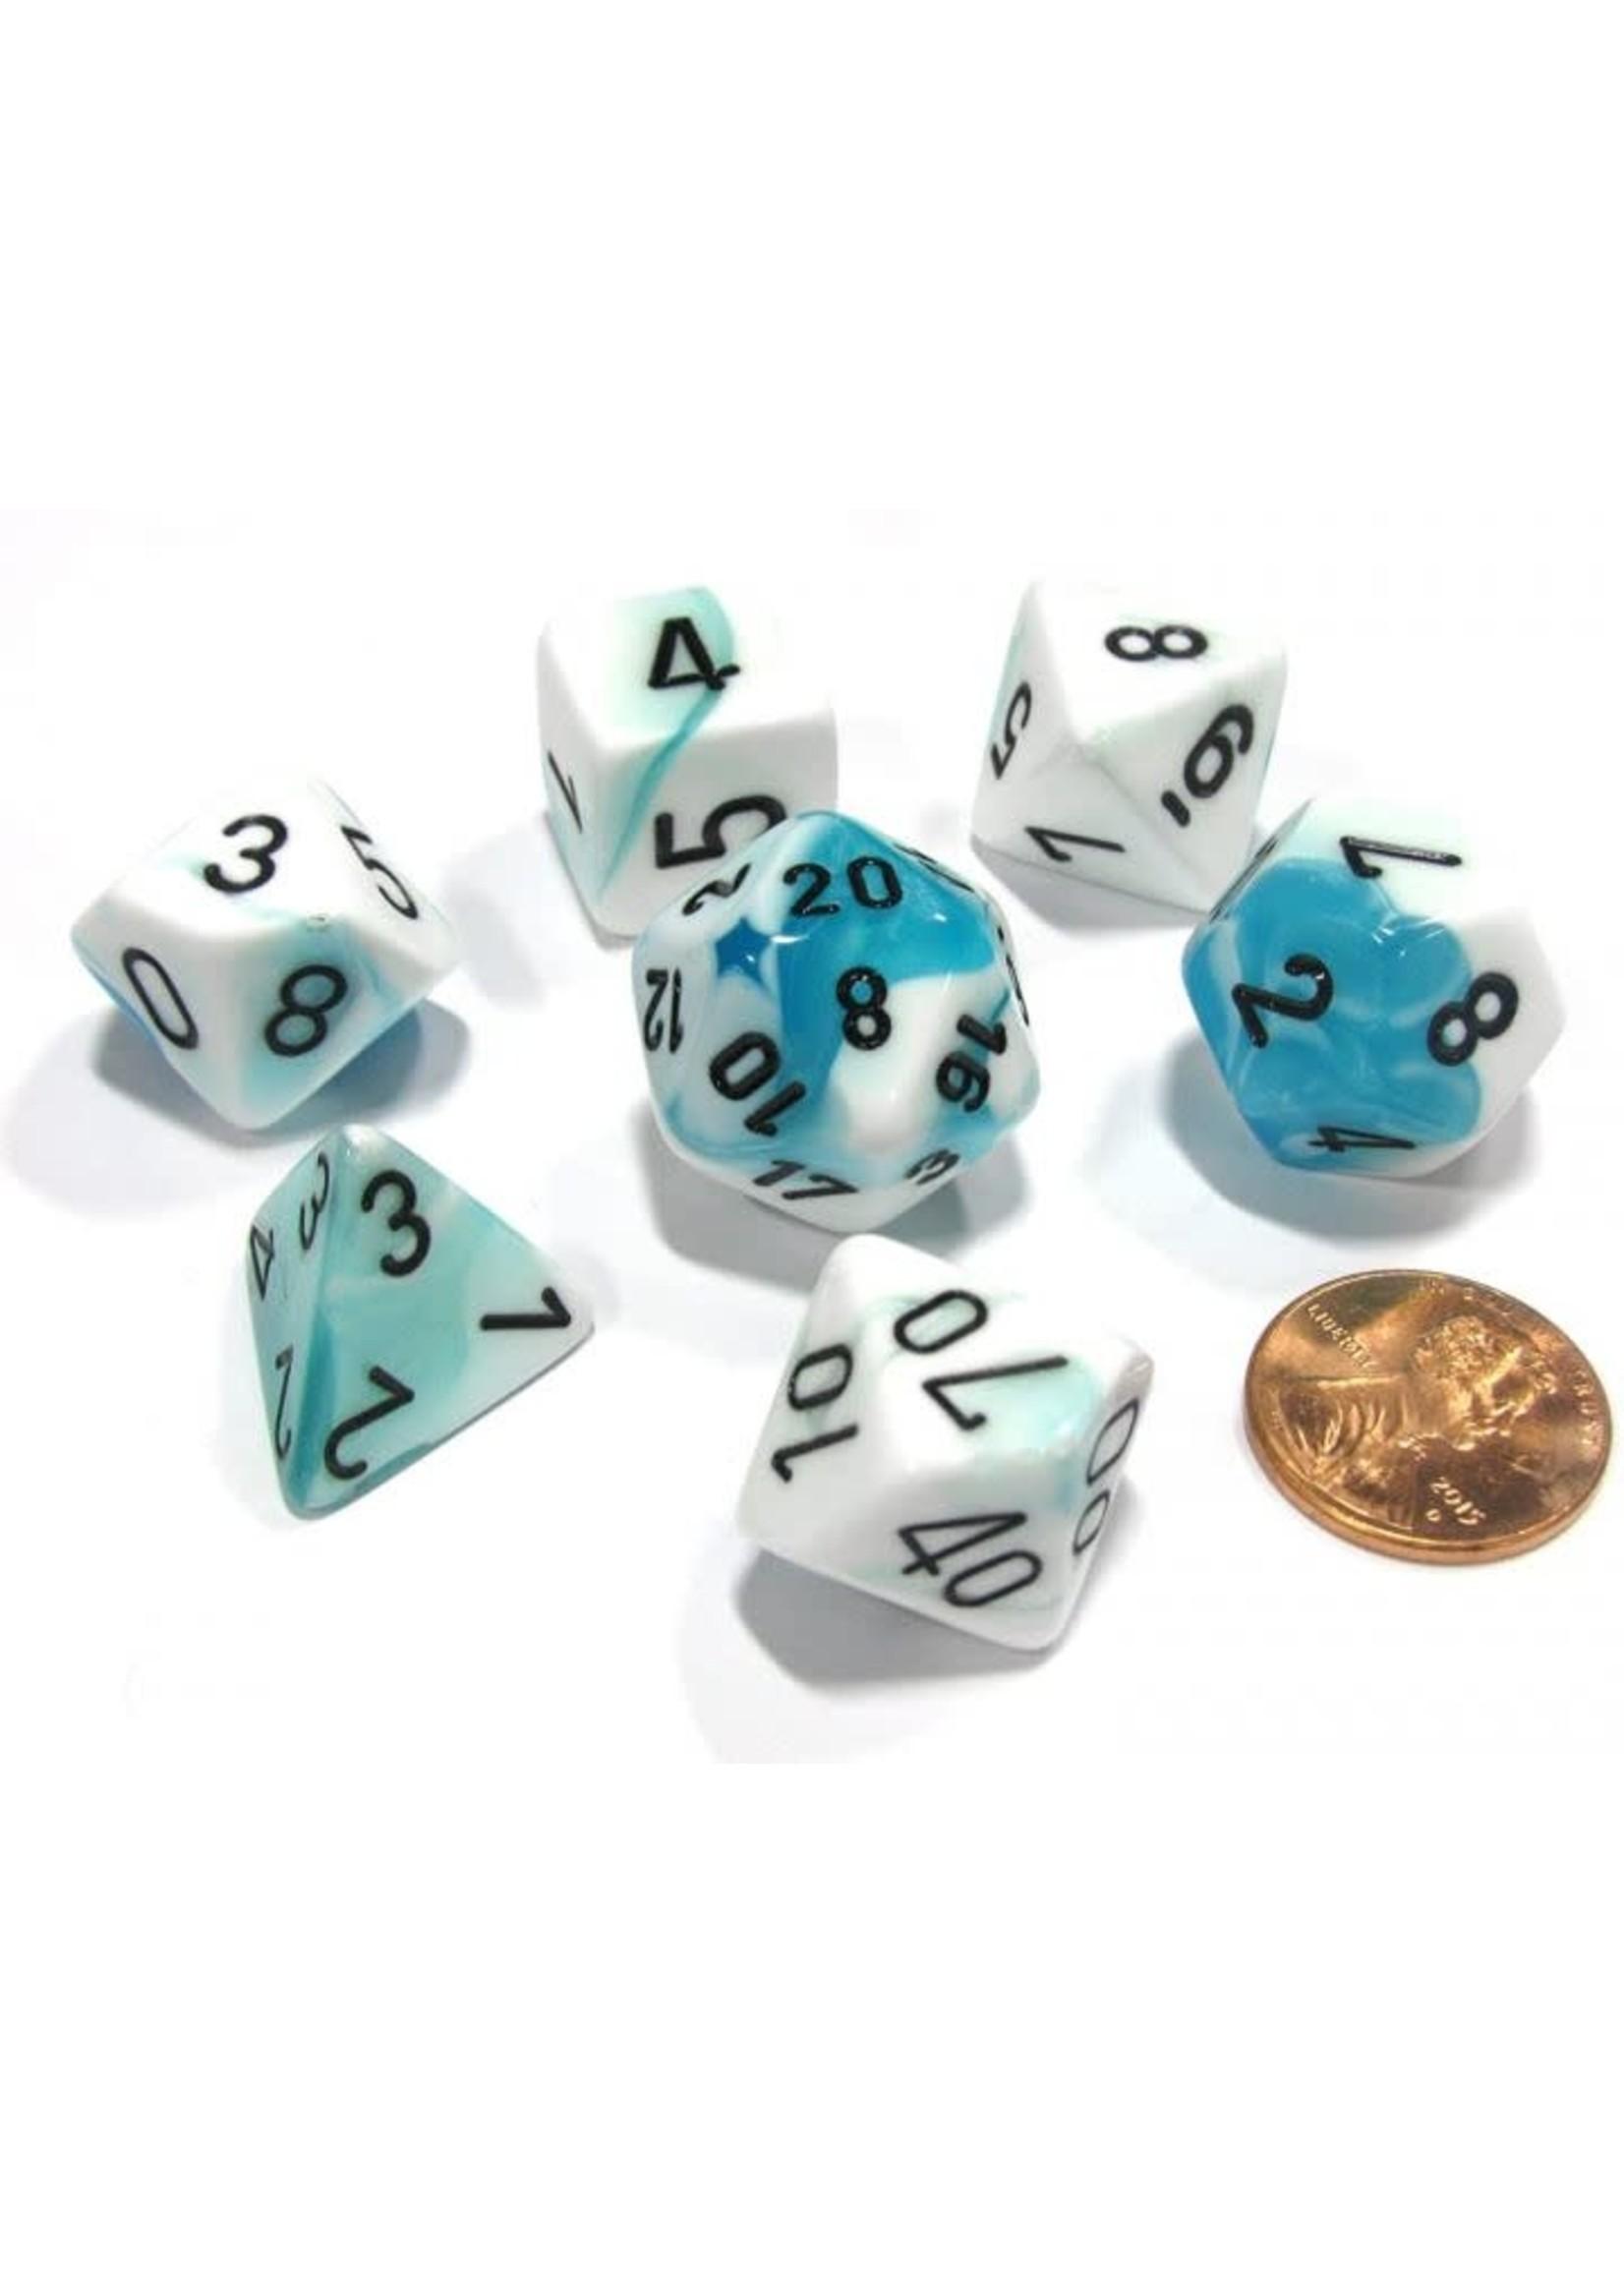 Gemini Polyhedral 7-Die Sets - White-Teal W/Black